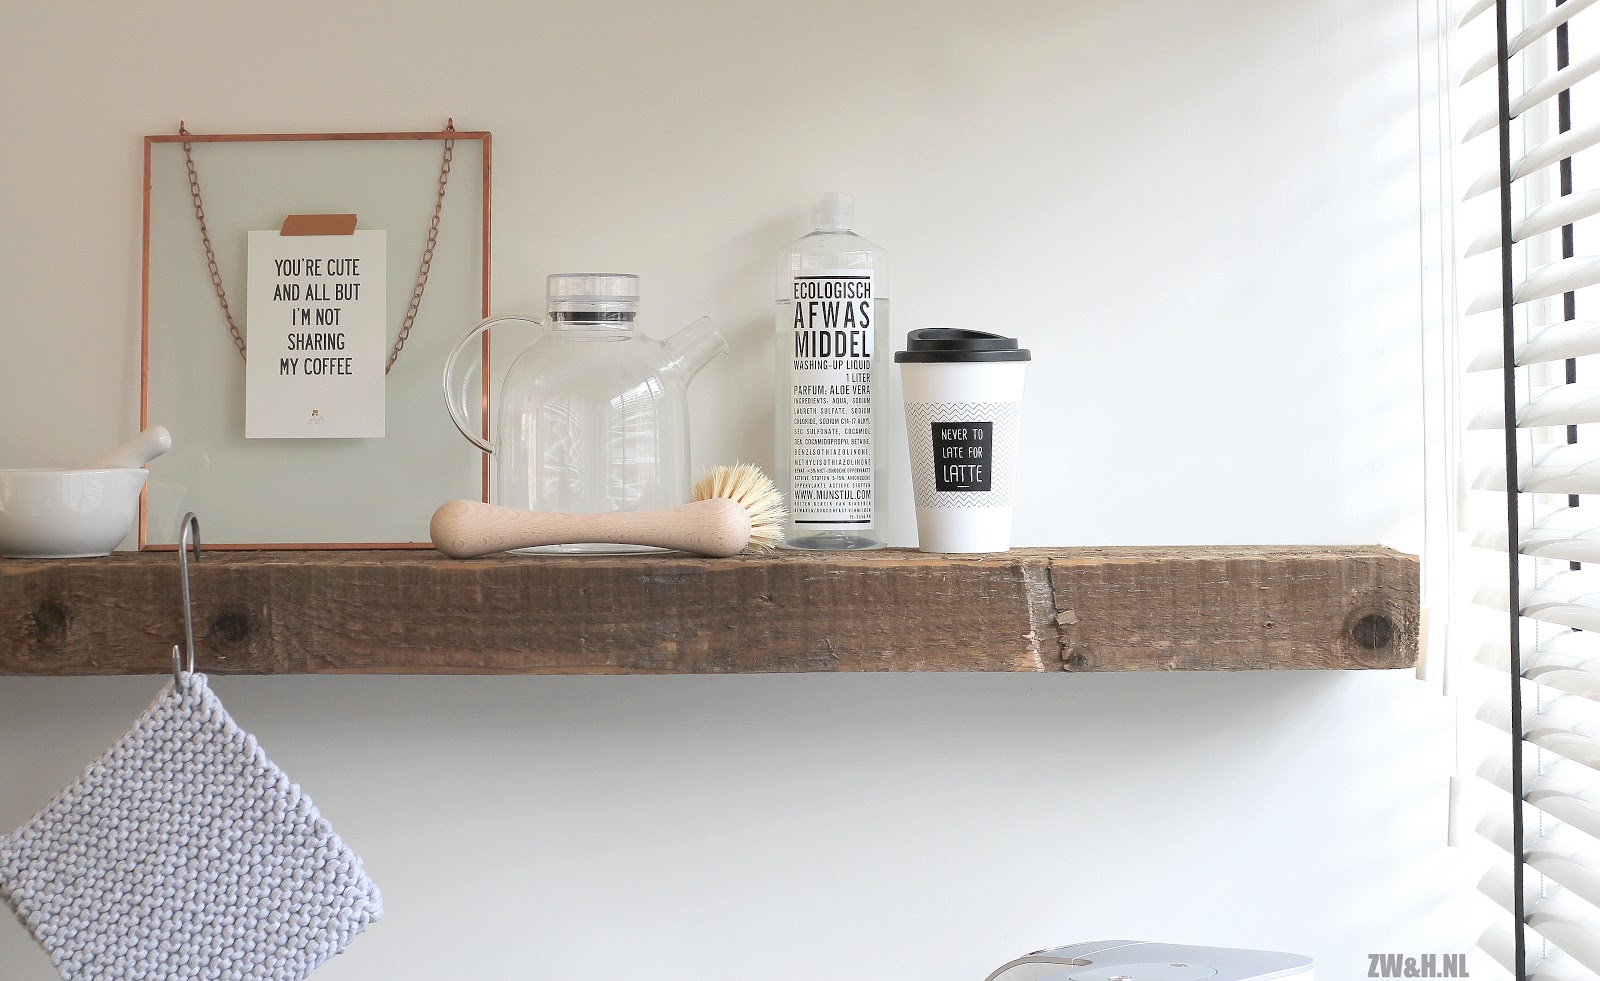 Planken Voor In De Keuken.Planken Keuken Making It Personal 8 Ways To Add Personal Style Your